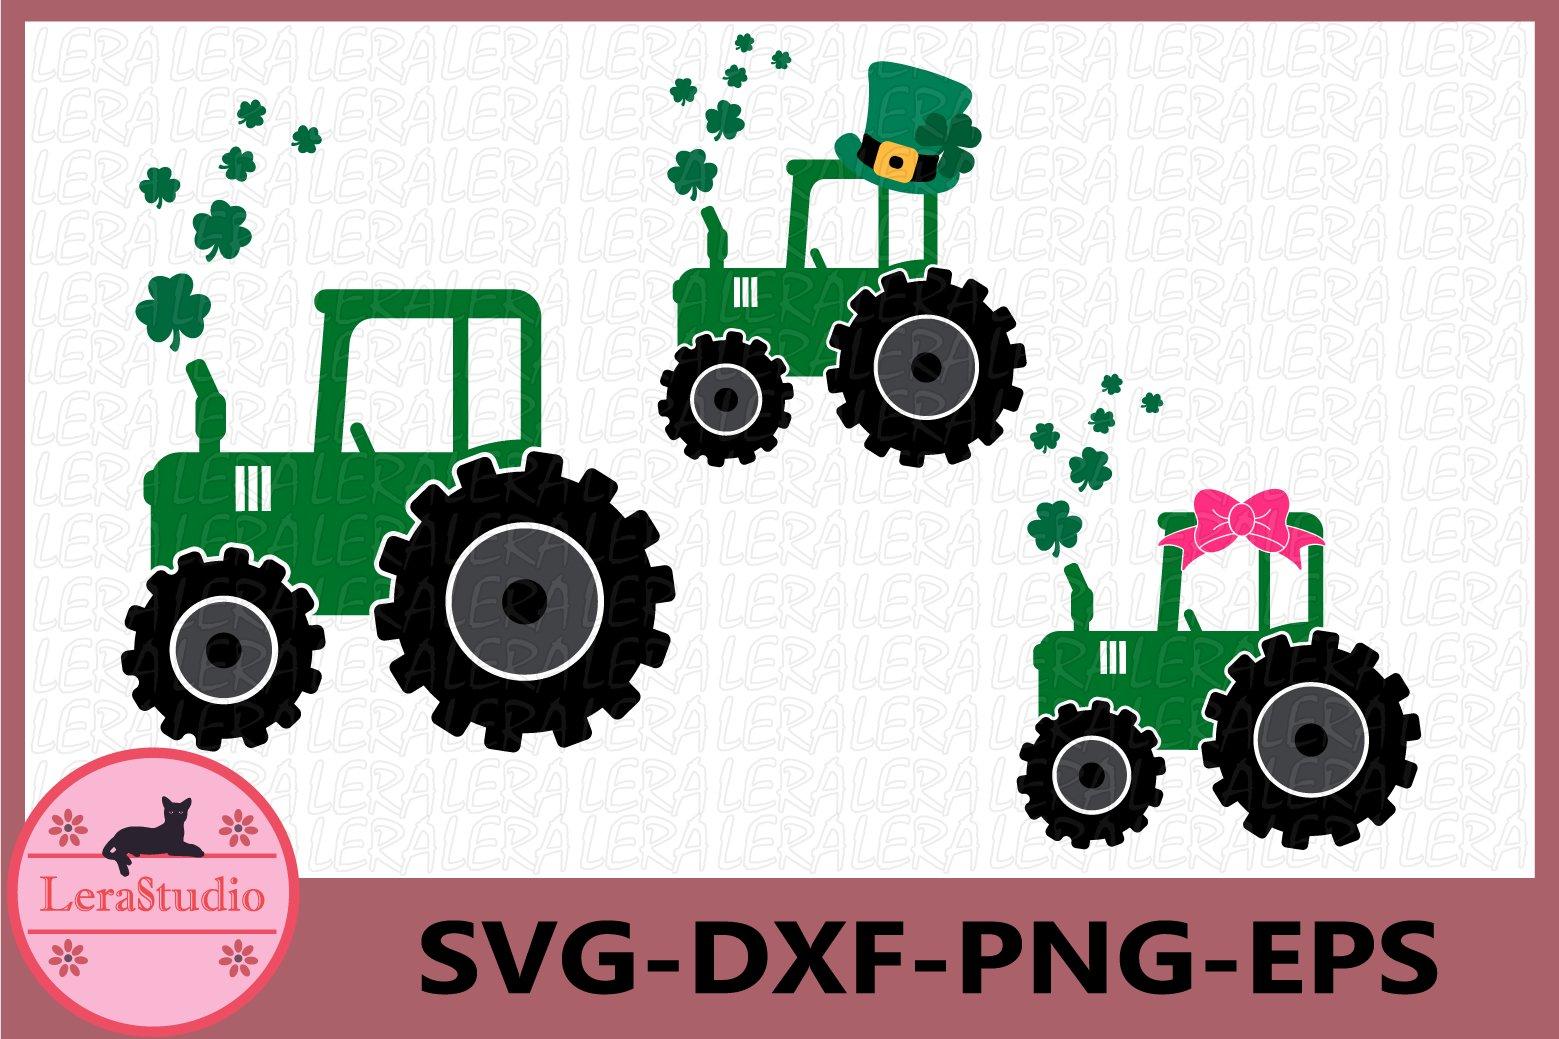 Patricks Day Svg Farm Tractor Svg Clover Svg 436993 Svgs Design Bundles